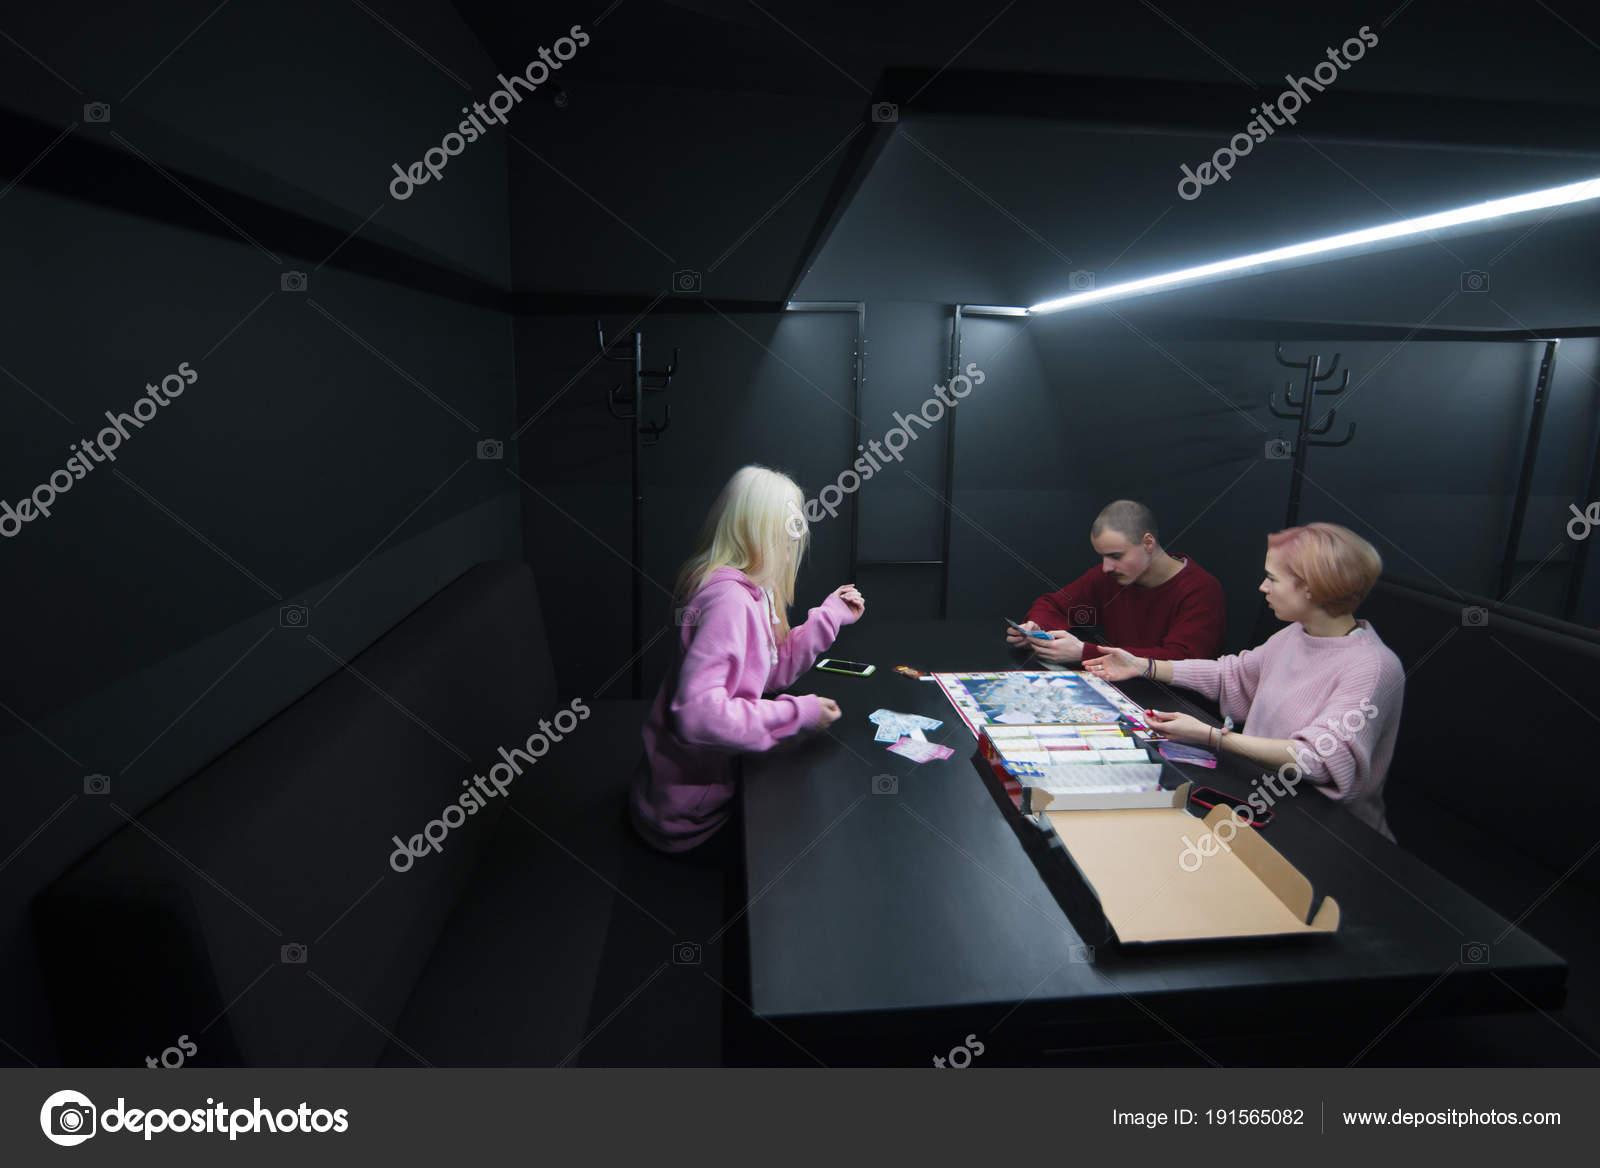 Unga människor sitter vid bordet i ett mörkt rum 109edce184257